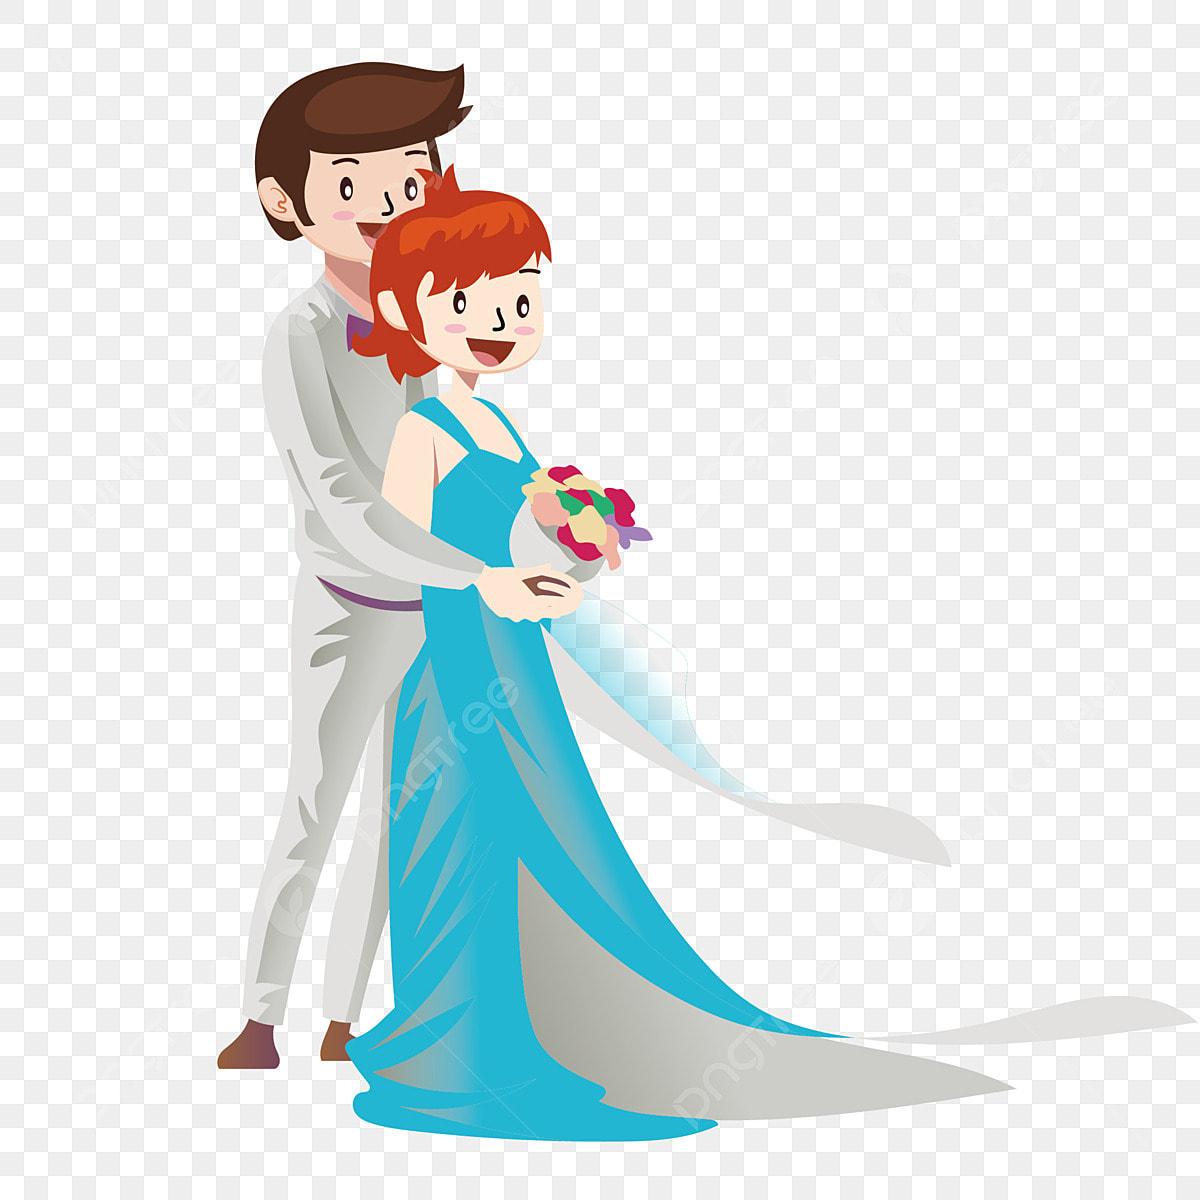 Unsur Kekasih Pasangan Kartun Yang Mengambil Gambar